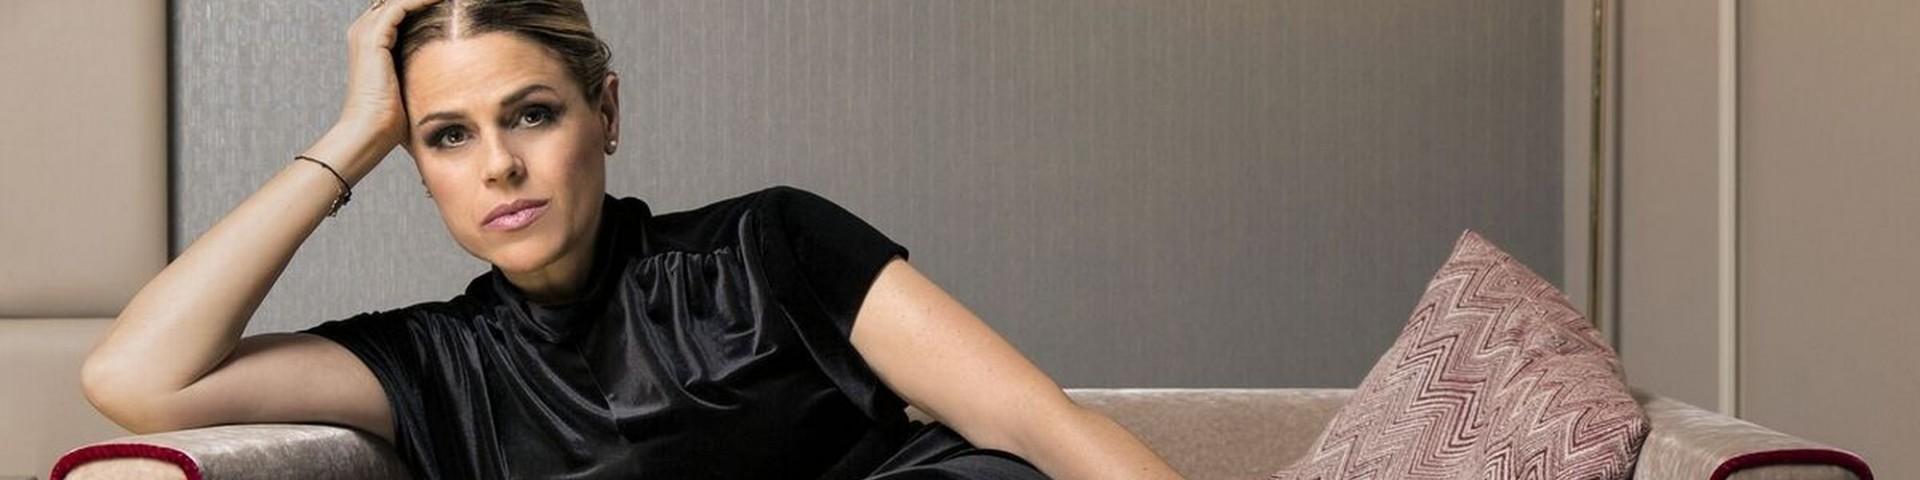 """Tosca: """"Ho amato tutto"""" è il titolo della canzone di Sanremo 2020"""